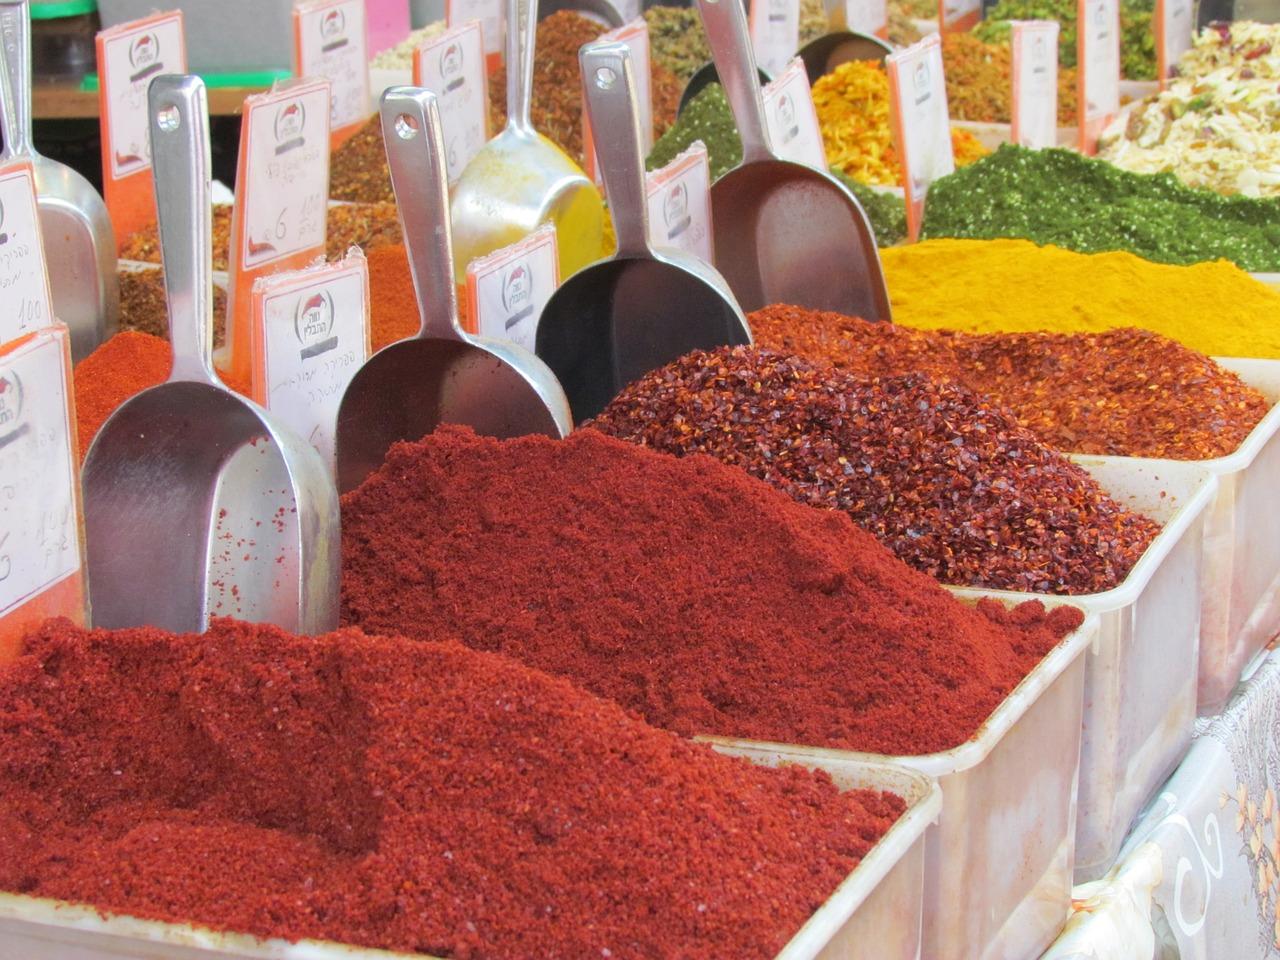 2a4d73fb0957c95626e0bc2f_1280_spices